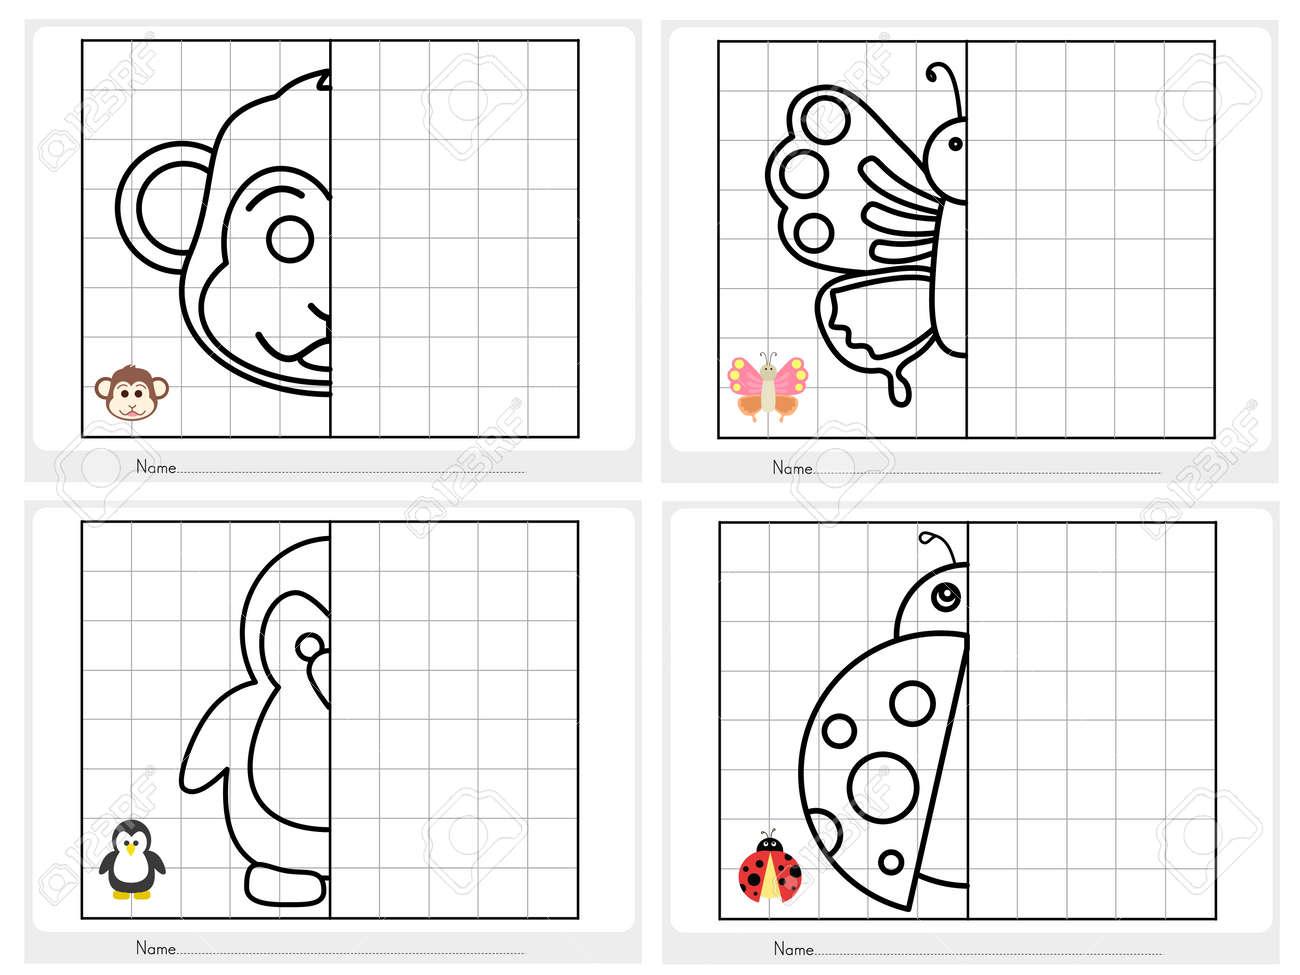 Imagen Simétrica - Hoja De Trabajo Para La Educación Ilustraciones ...